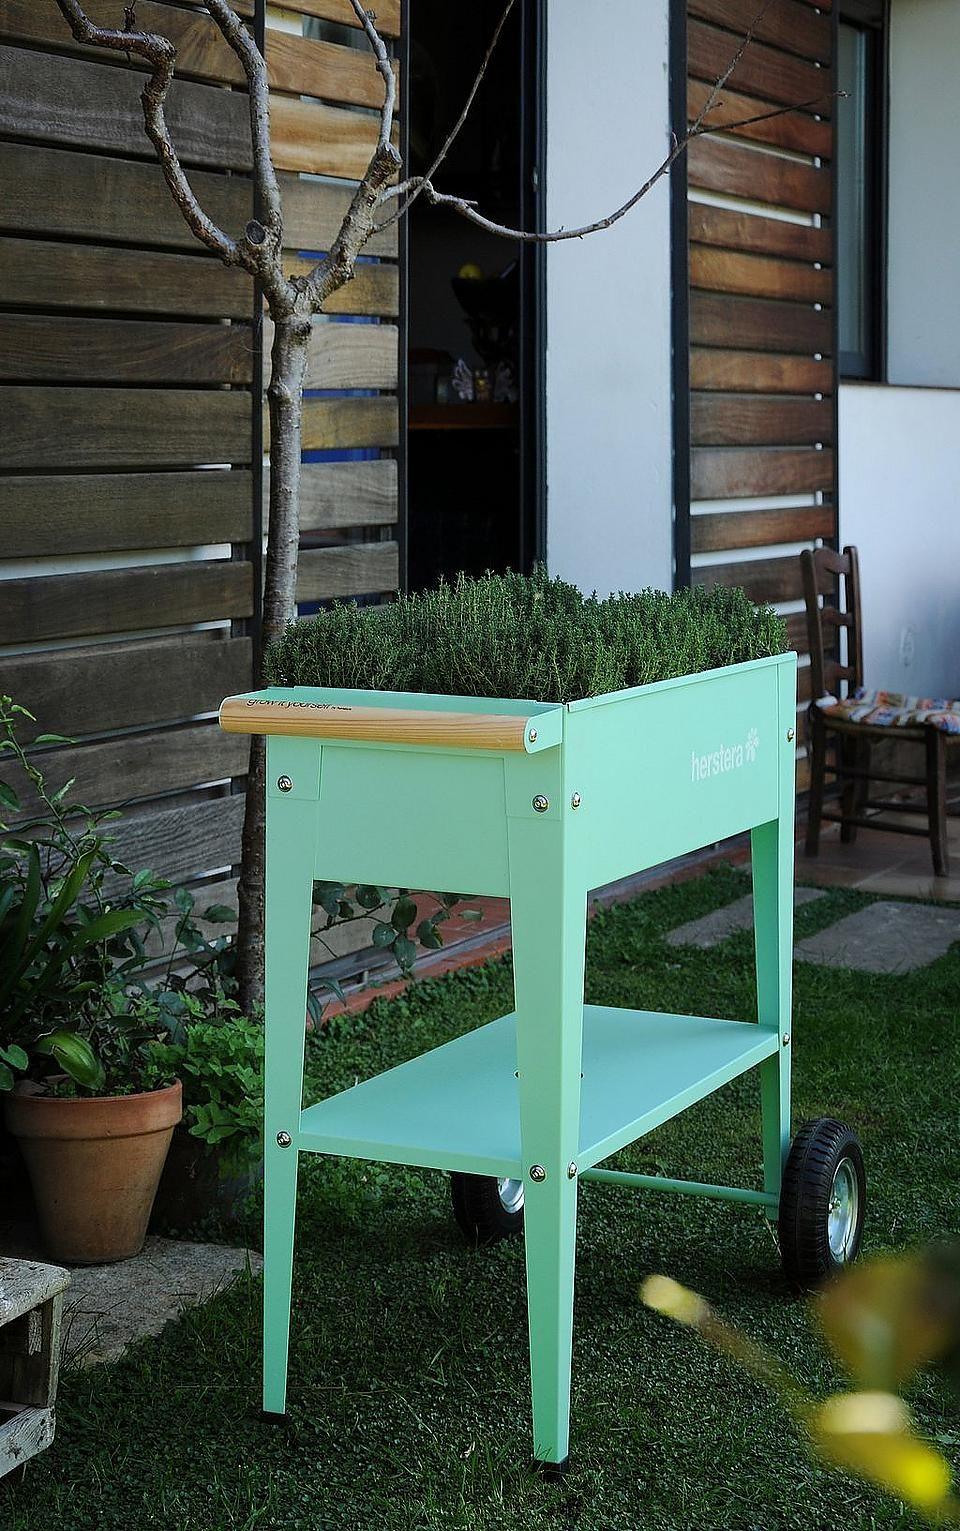 Herstera Garden Hochbeet Barcelona Liso Bxtxh 75x35x80 Cm Online Kaufen Blumenbeet Hochbeet Gartenbau